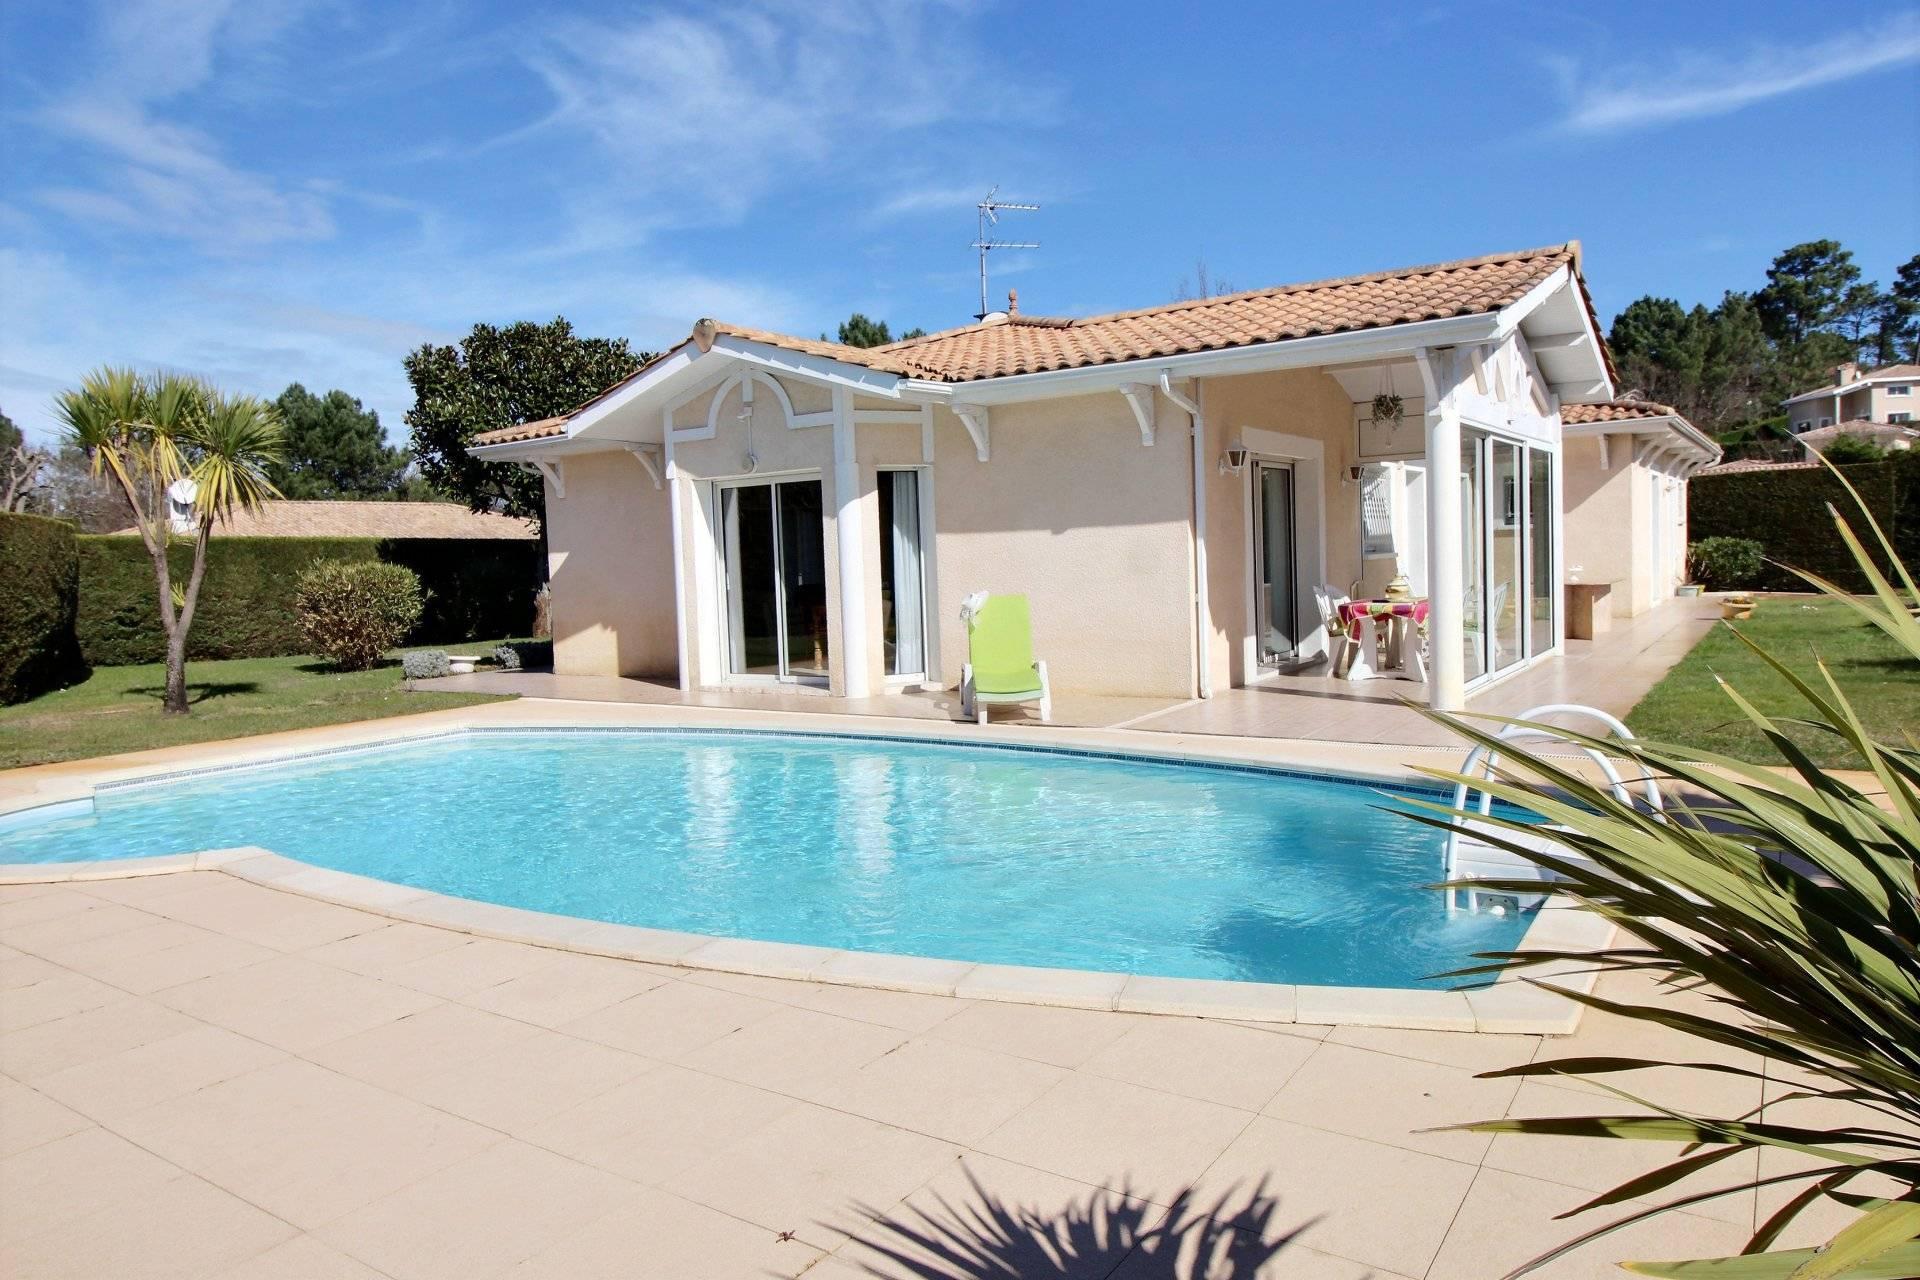 Maison de plain pied avec piscine à vendre BASSIN D'ARCACHON